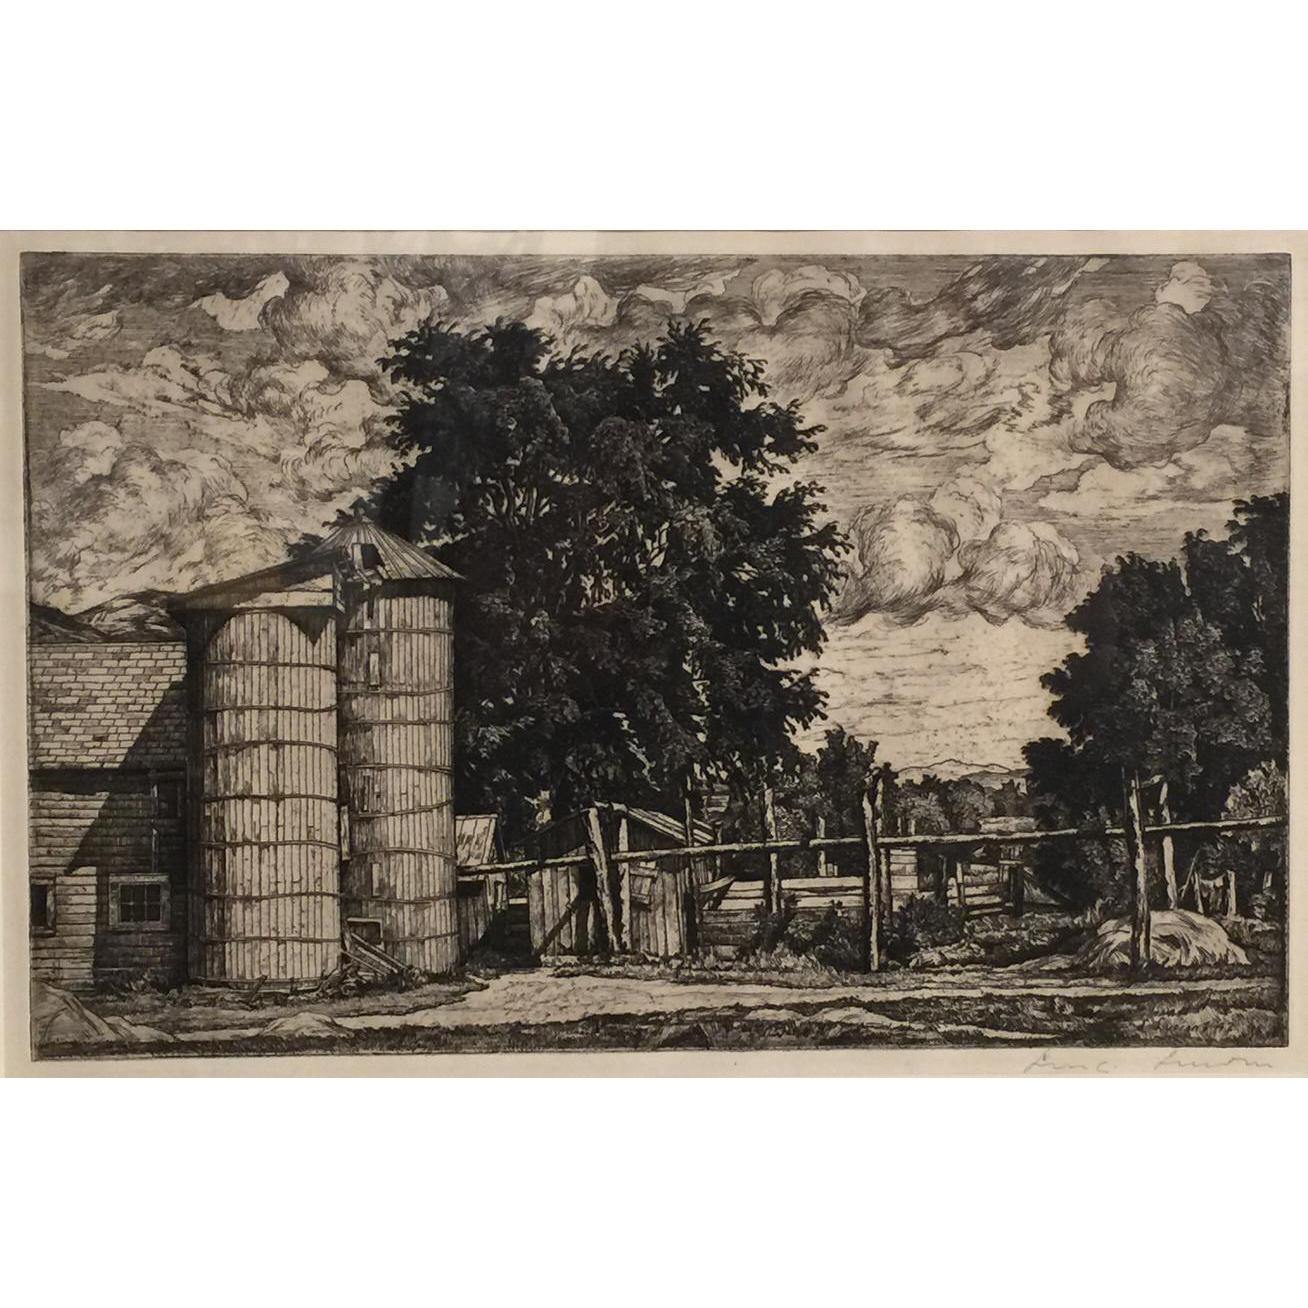 Luigi Lucioni Vermont Landscape Etching - Two Silos 1942